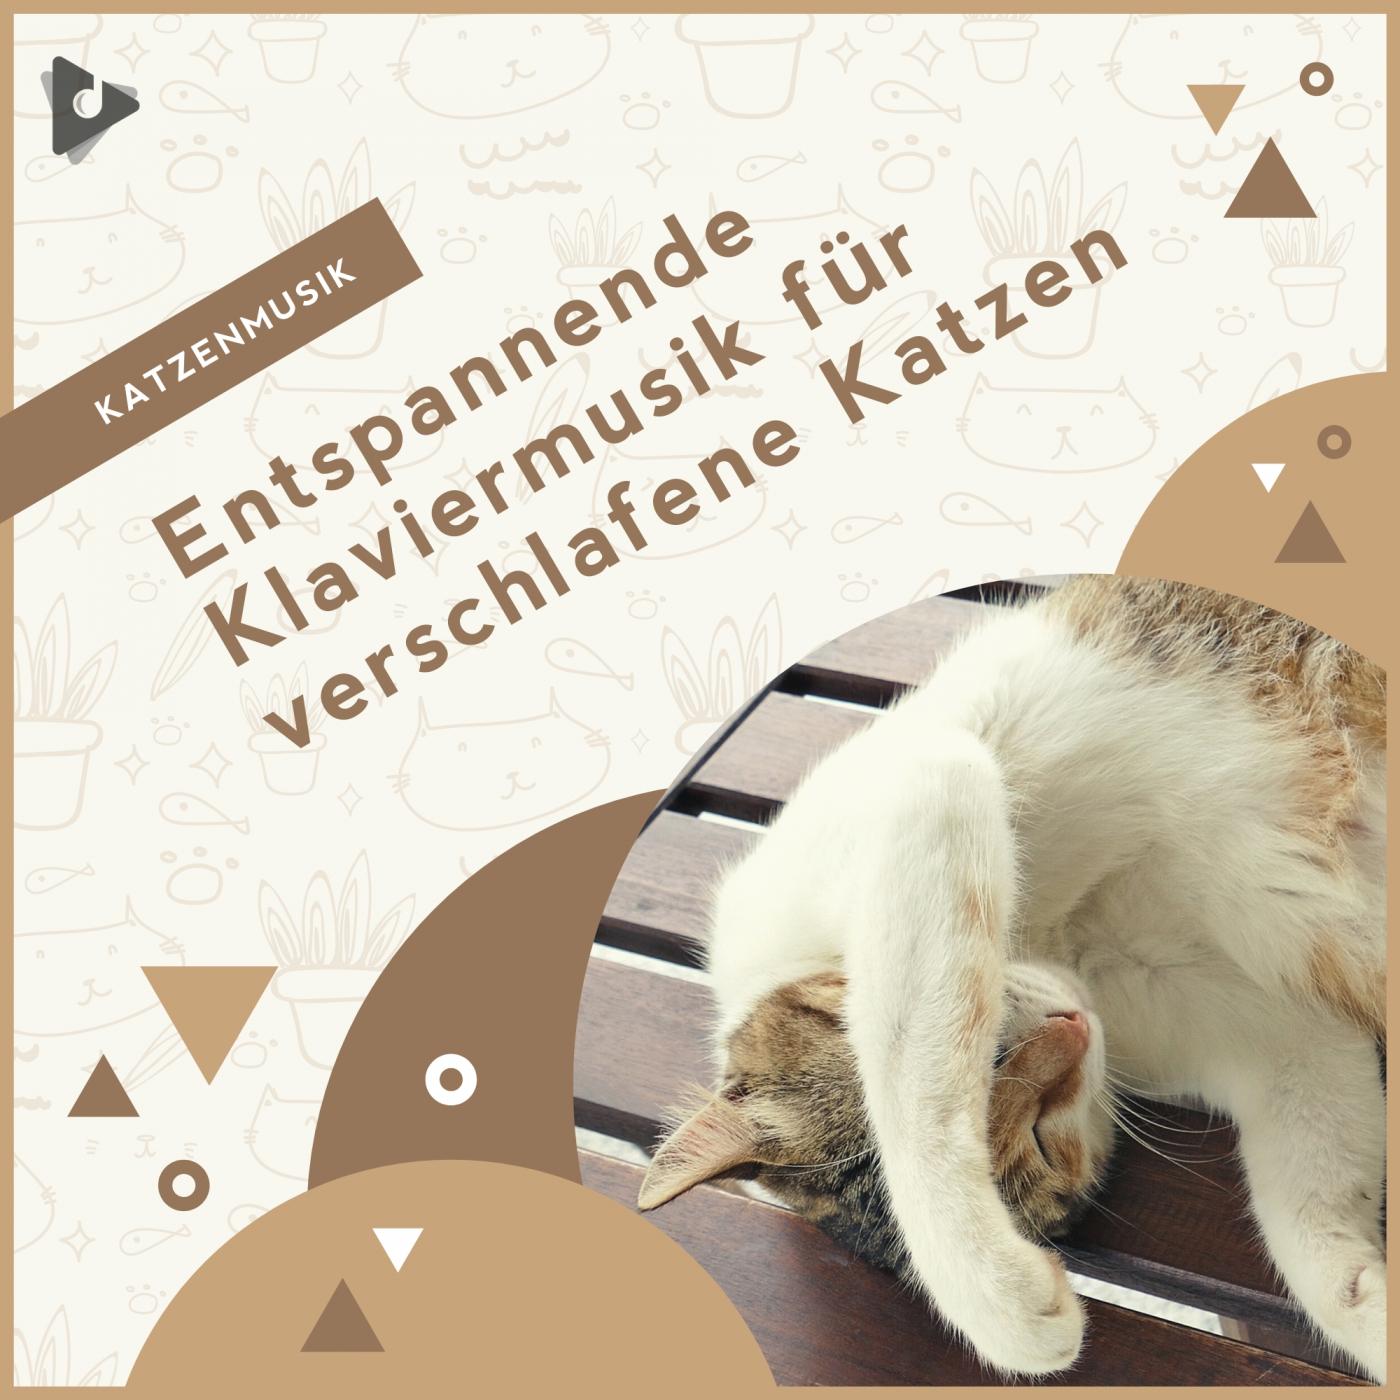 Entspannende Klaviermusik für verschlafene Katzen